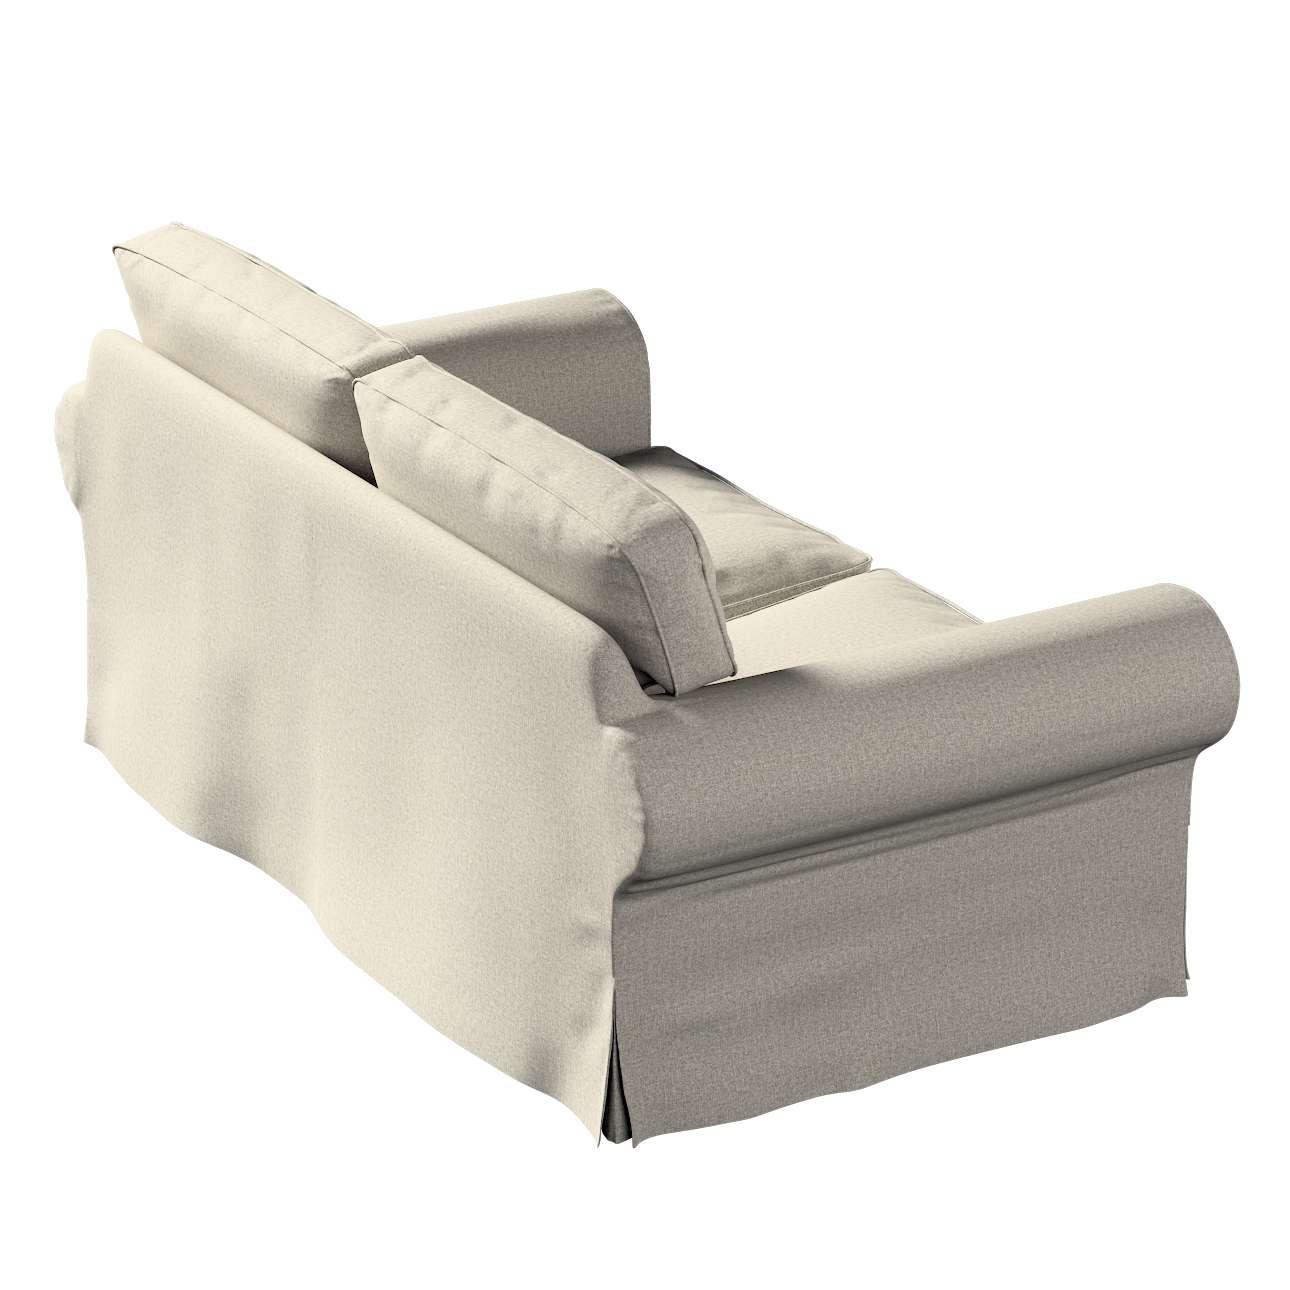 Pokrowiec na sofę Ektorp 2-osobową rozkładaną, model po 2012 w kolekcji Madrid, tkanina: 161-23